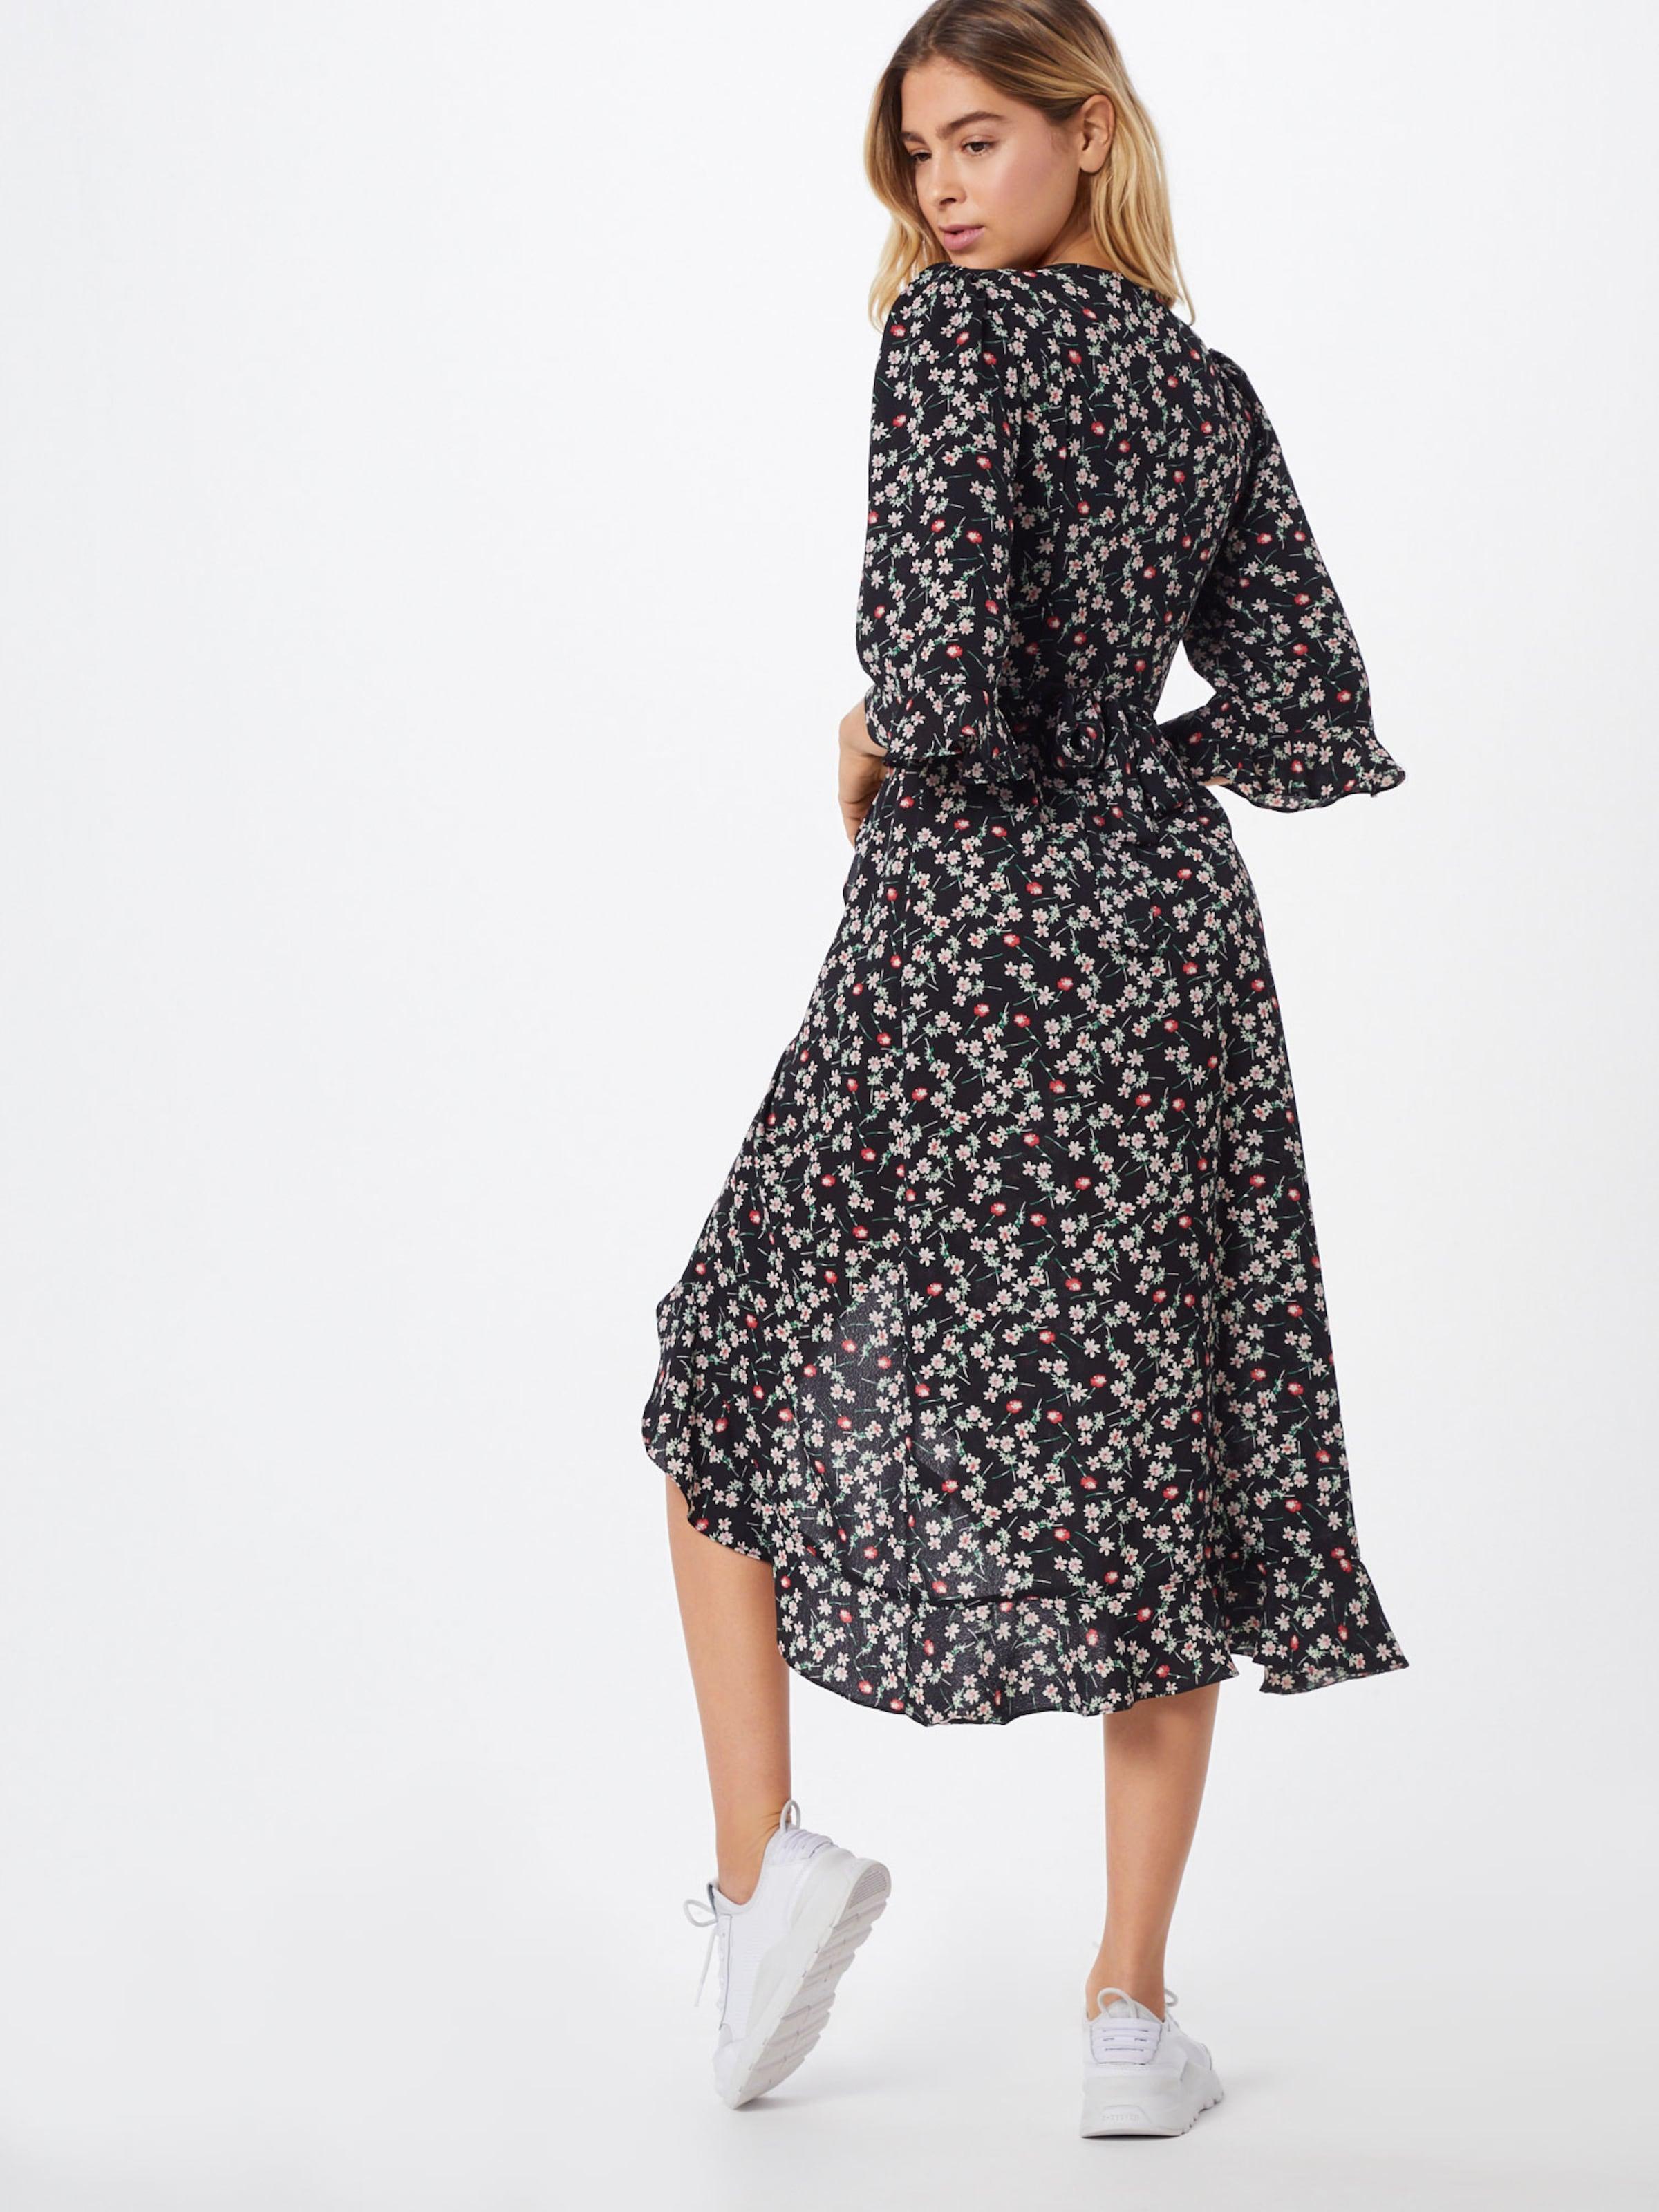 Union Kleid SchwarzWeiß 'vic' In Fashion pqSMVUGz